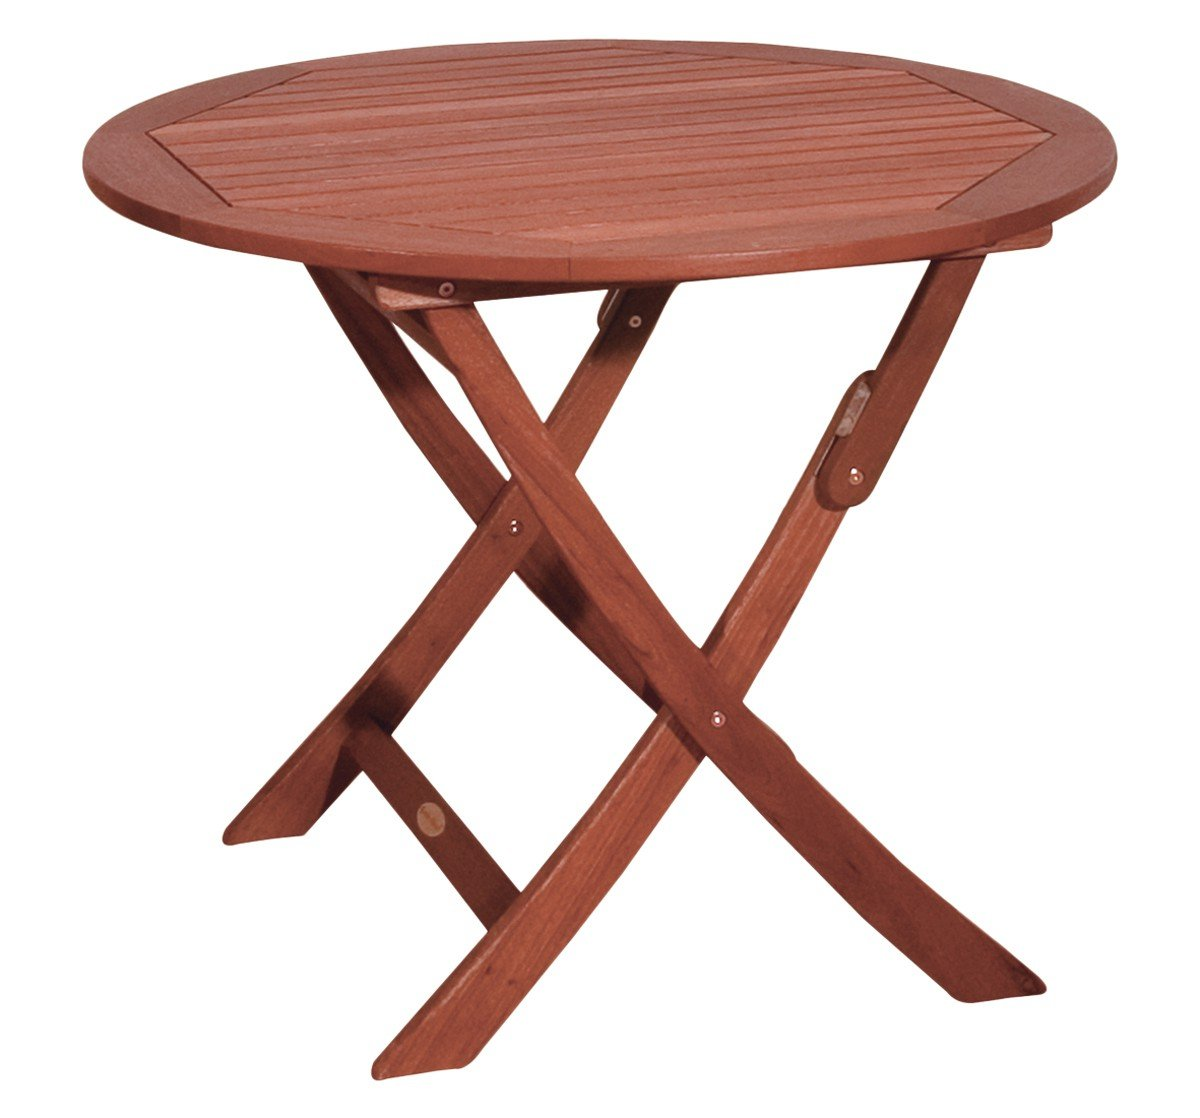 Echtholz Balkontisch Holz Esstisch Rund Garten Tisch Holz 90 Cm    Hochwertiger Runder Tisch Aus Geöltem